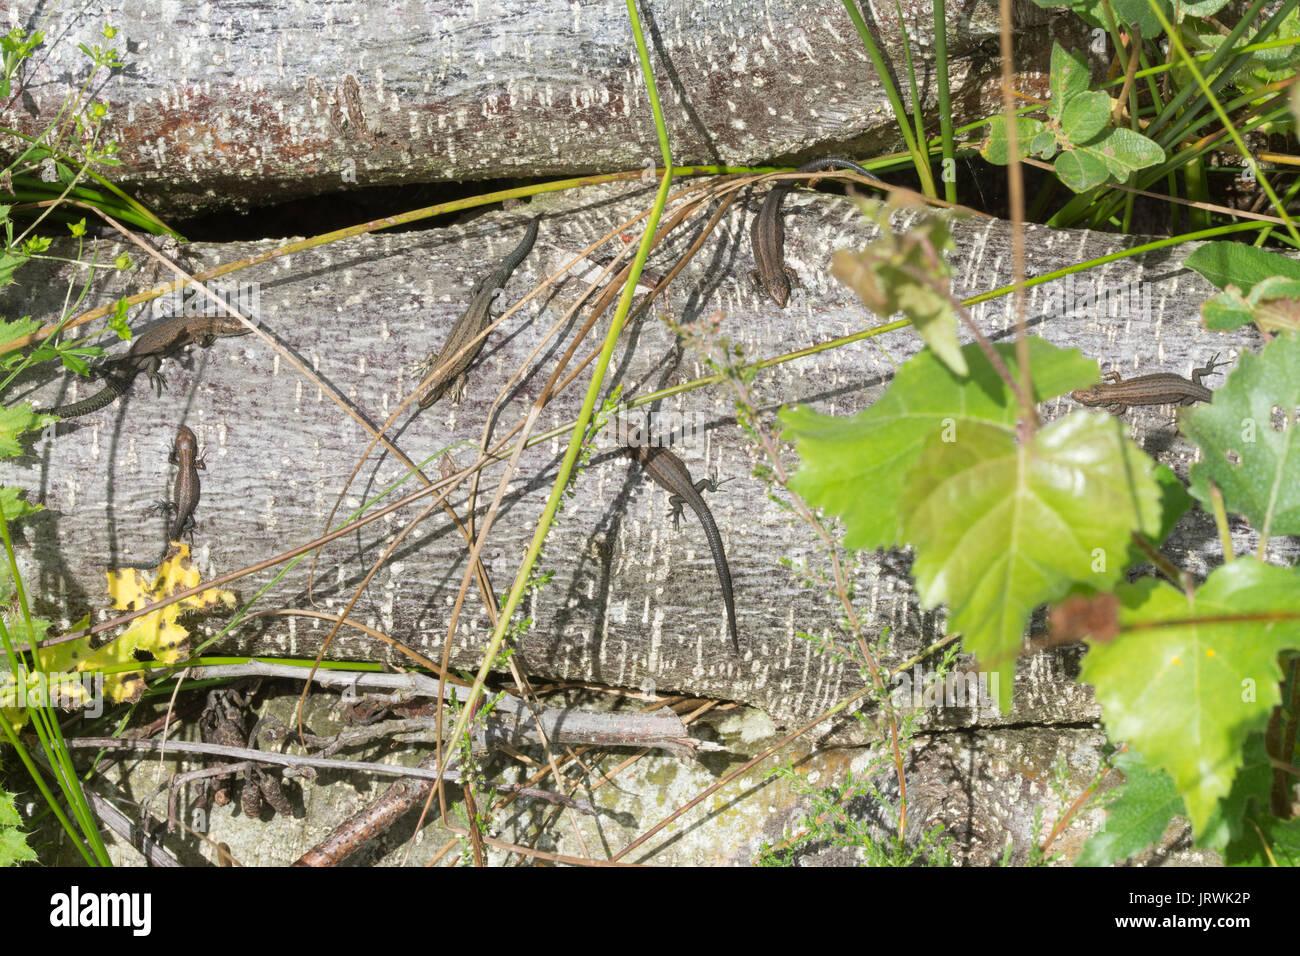 Mehrere Jugendliche gemeinsame Eidechsen, auch genannt lebendgebärenden Echsen (Zootoca Vivipara) Aalen auf einem Haufen anmelden Stockfoto